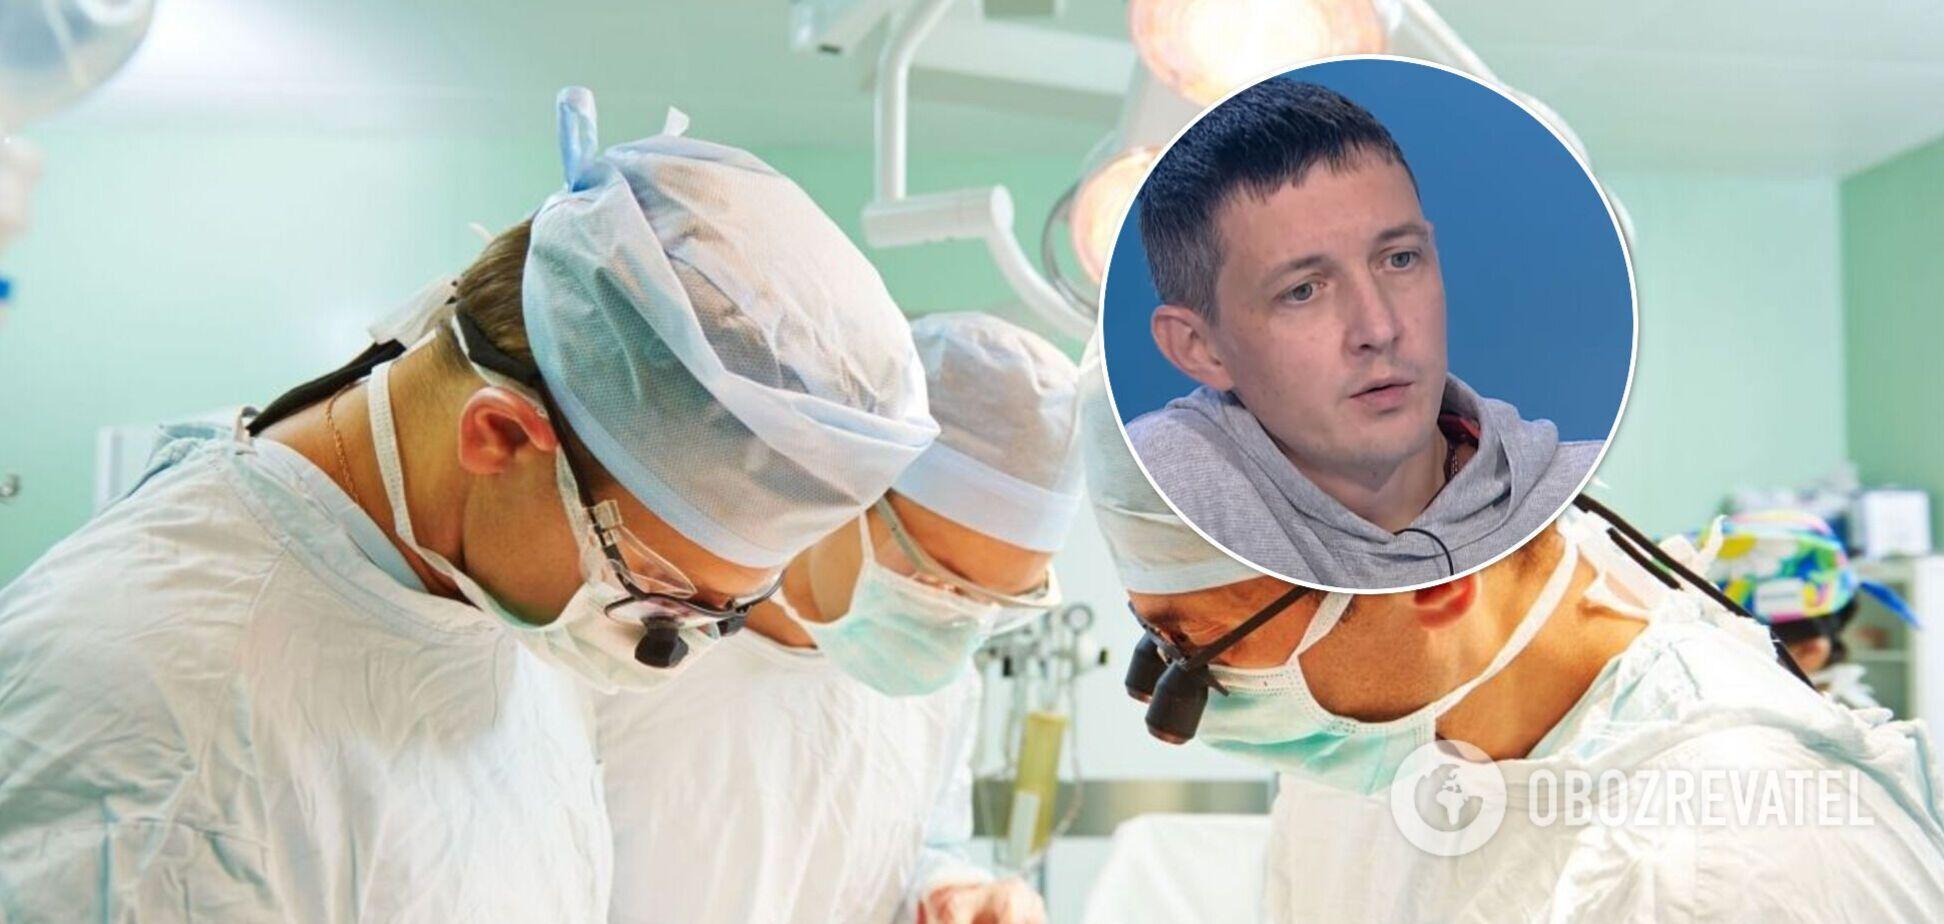 В Україні вперше пересадять легені: пацієнт спеціально повернувся з Індії